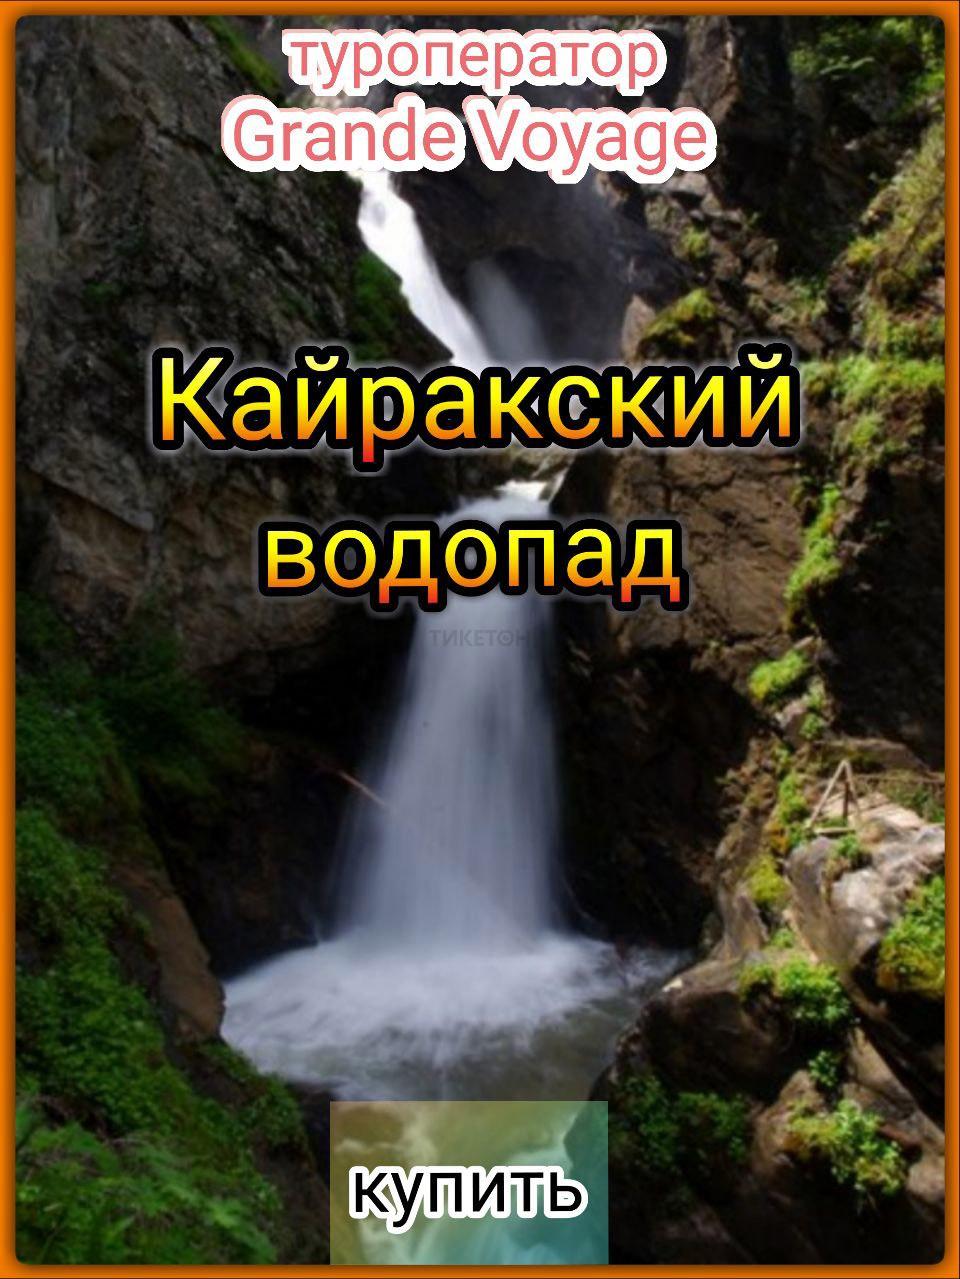 kayrakskiy-vodopad-grande-voyage